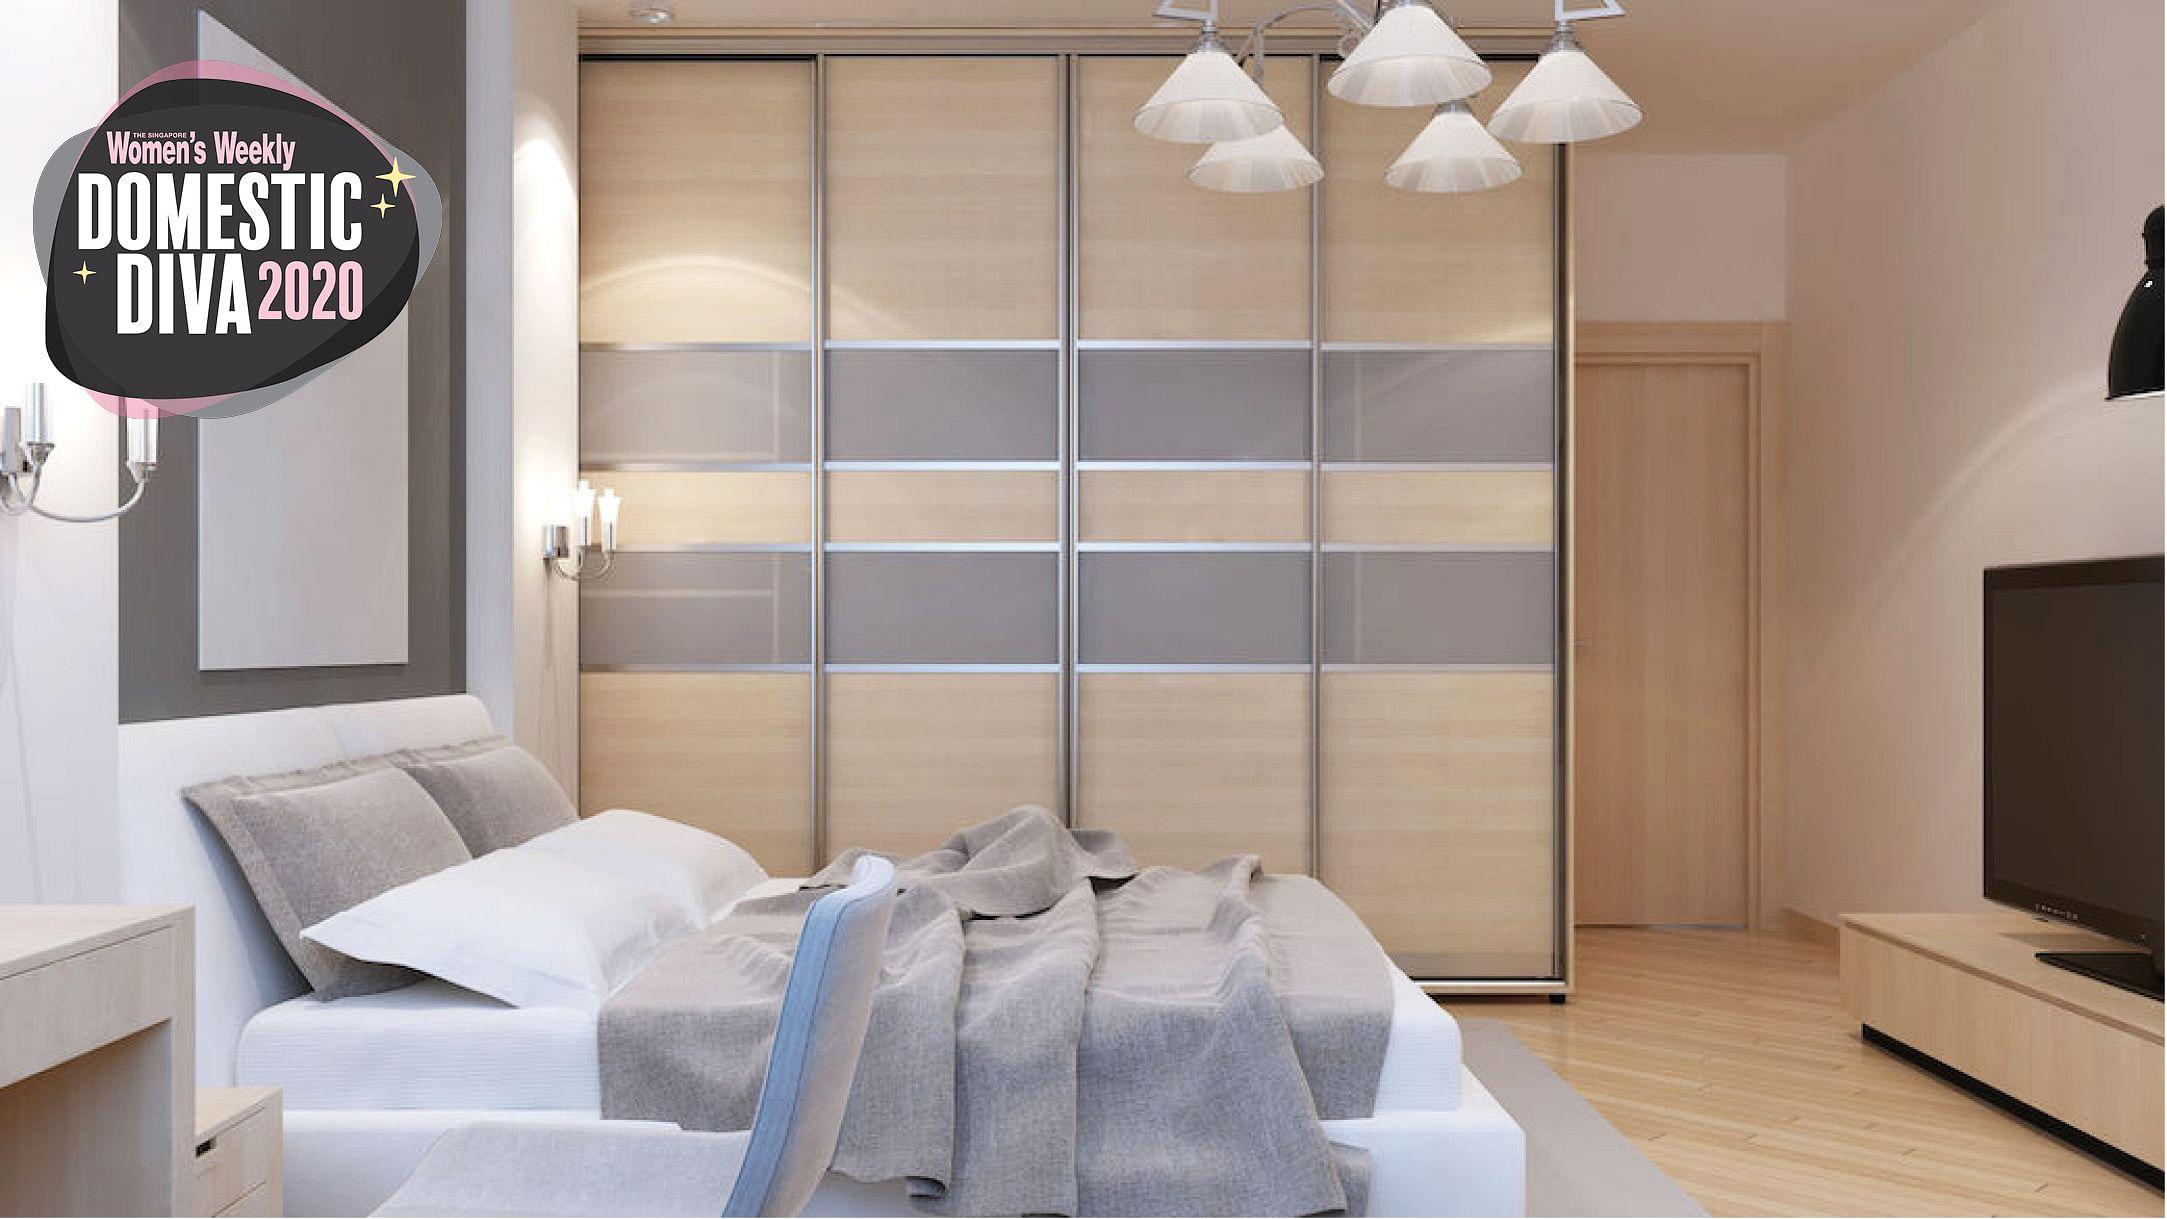 11 Space-Saving Wardrobe Design Ideas For A Small HDB Or Condo